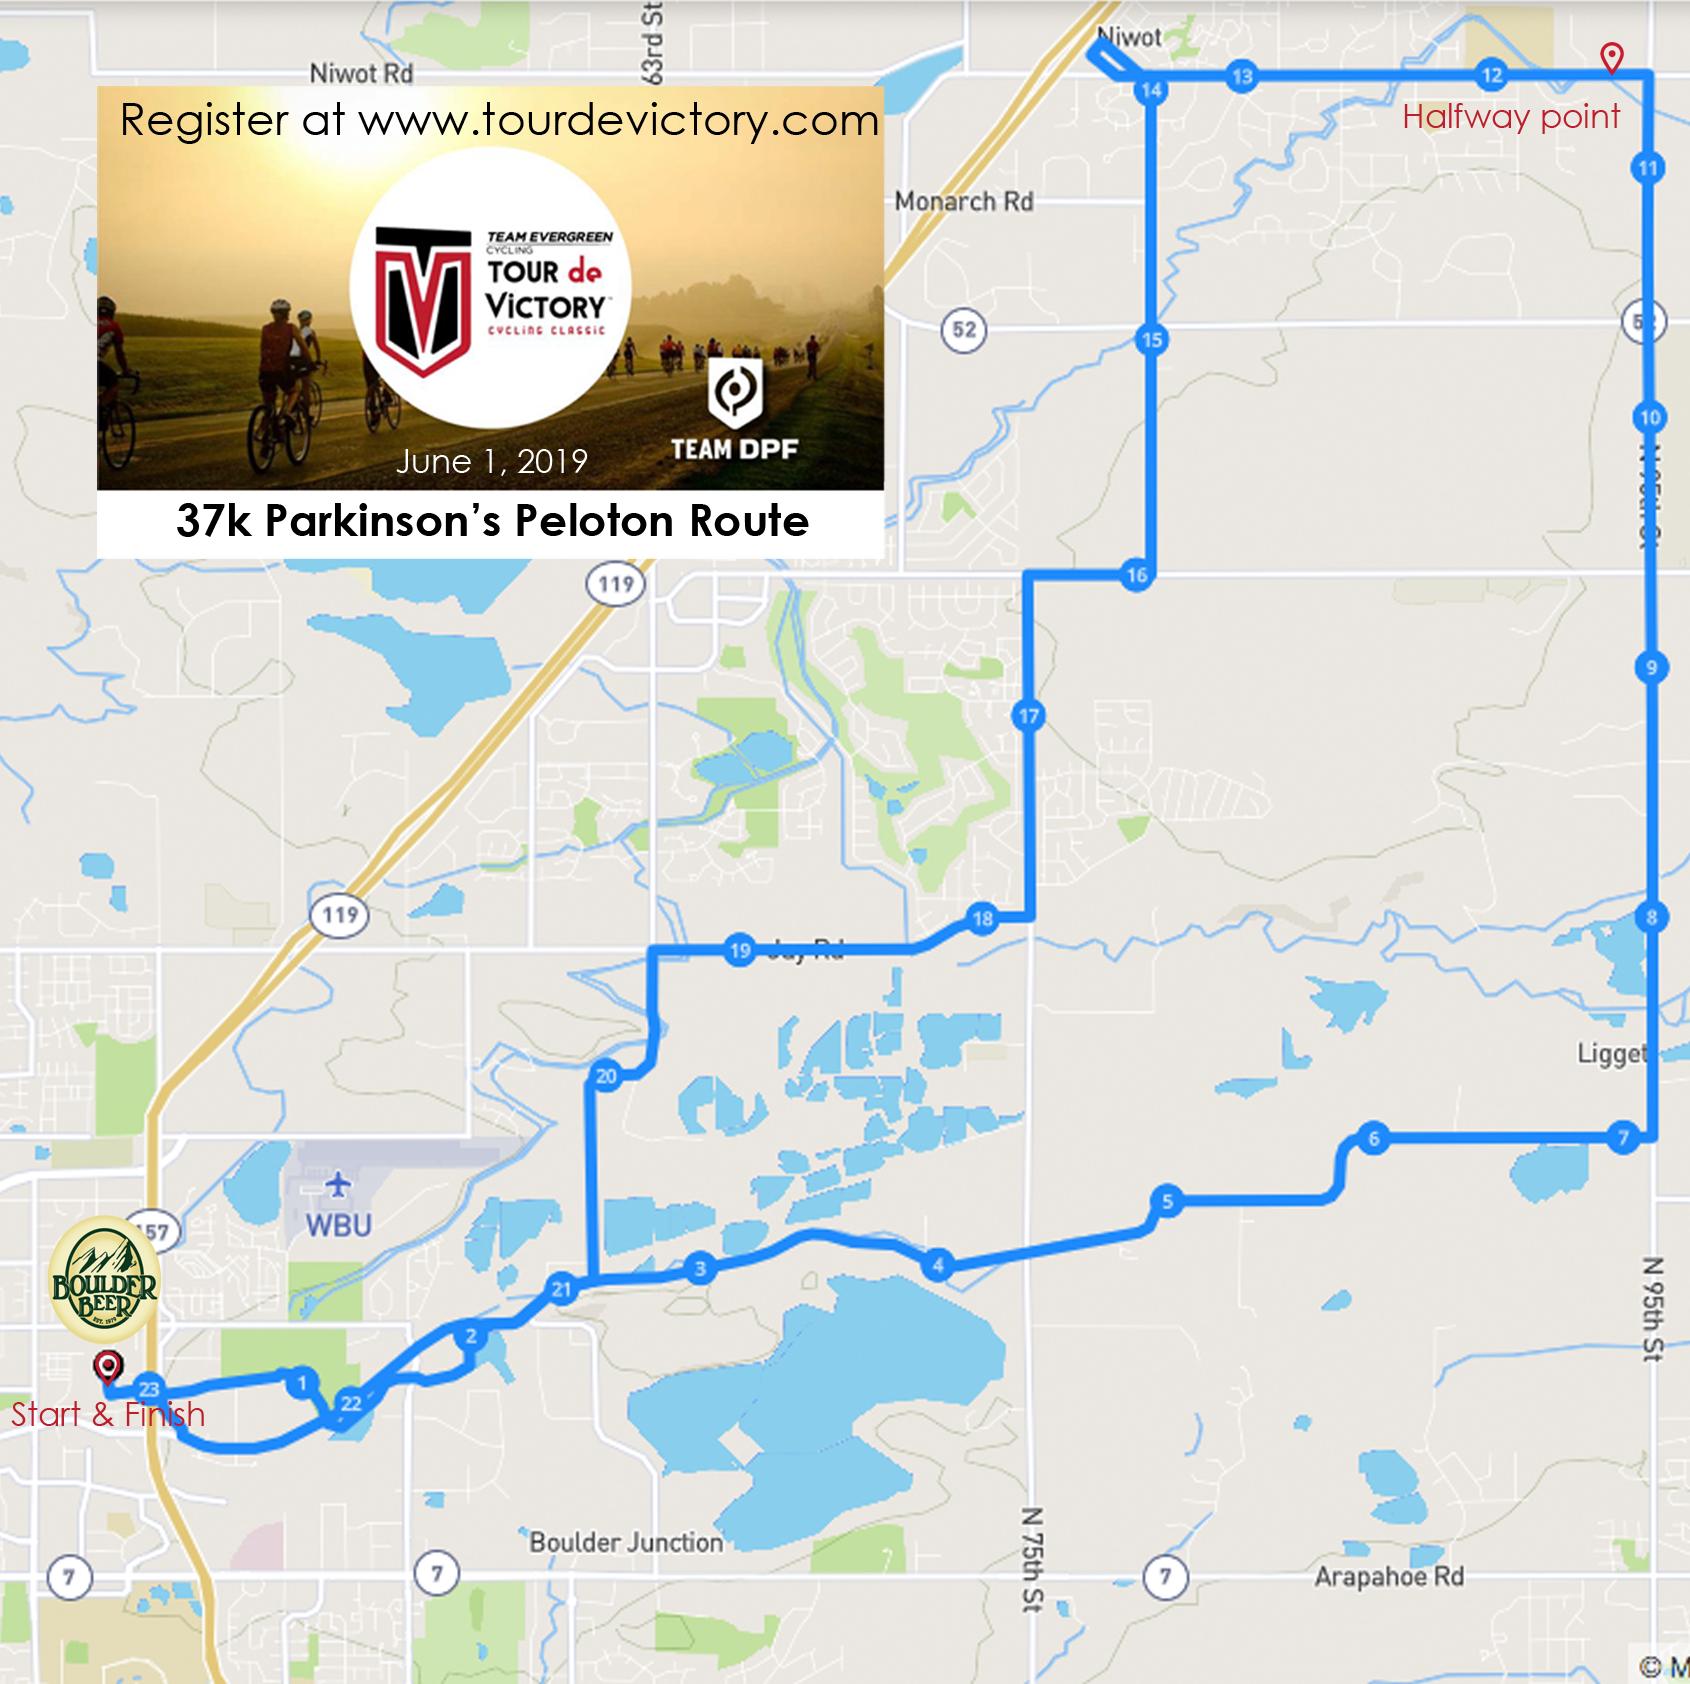 Parkinson's Peloton Route